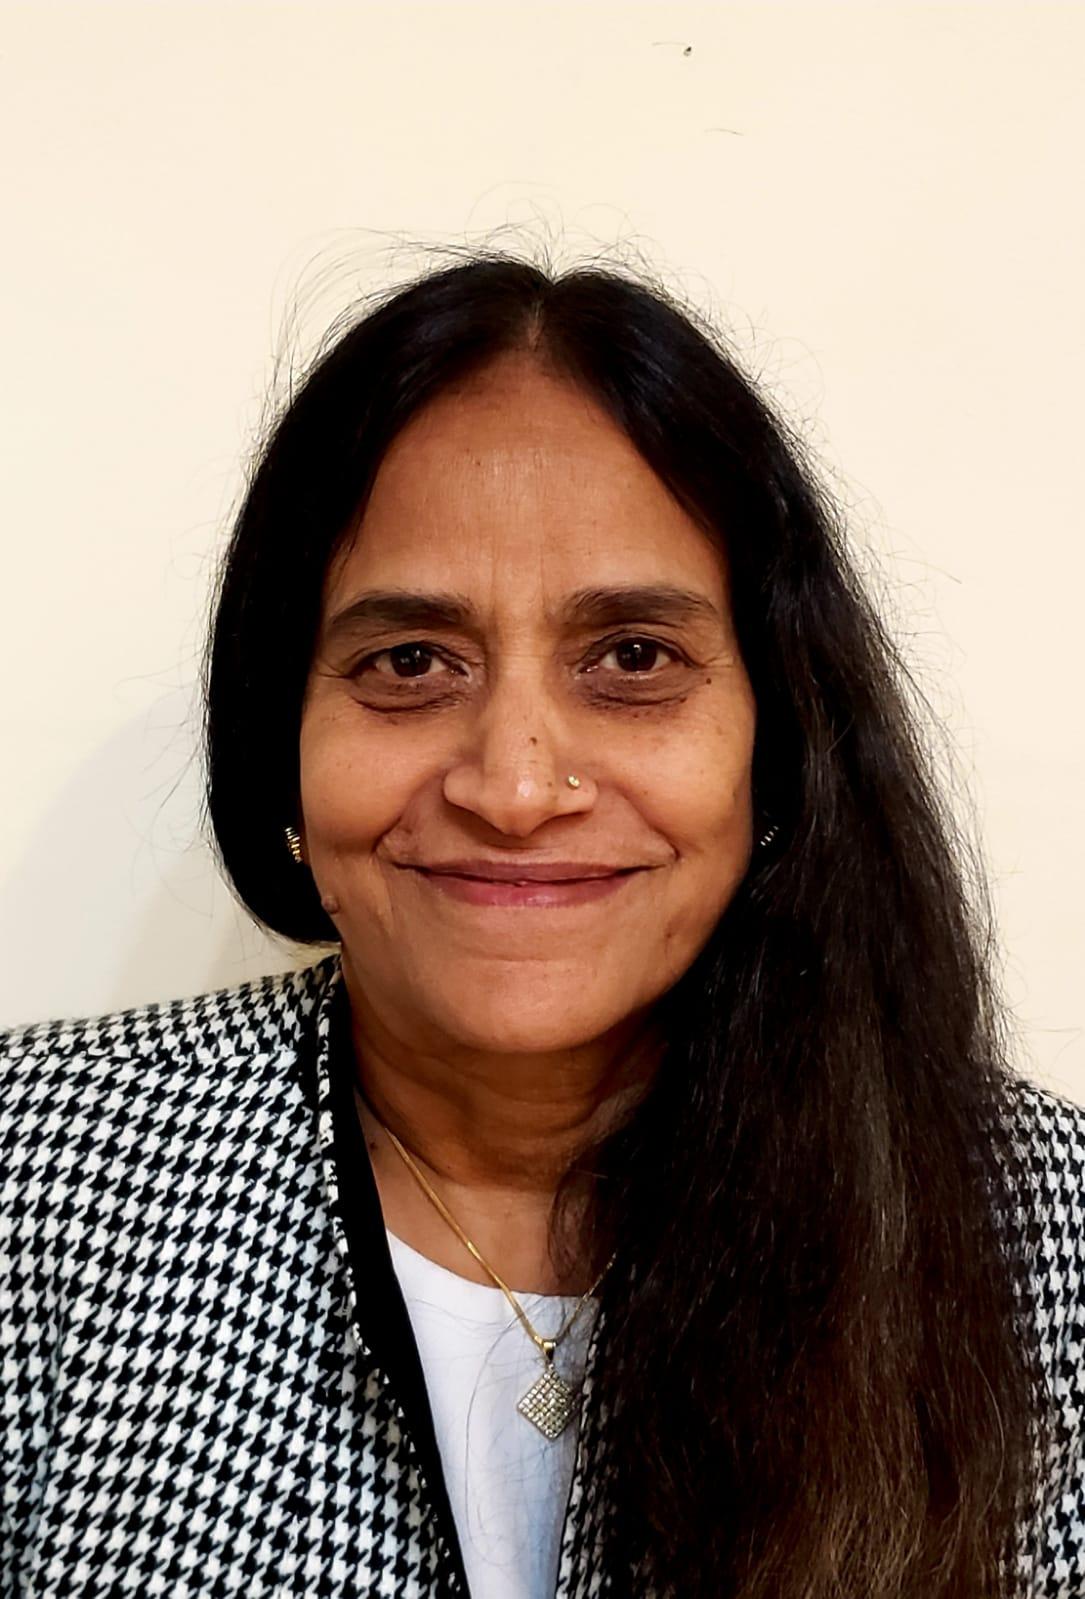 Durgesh undefined Gupta